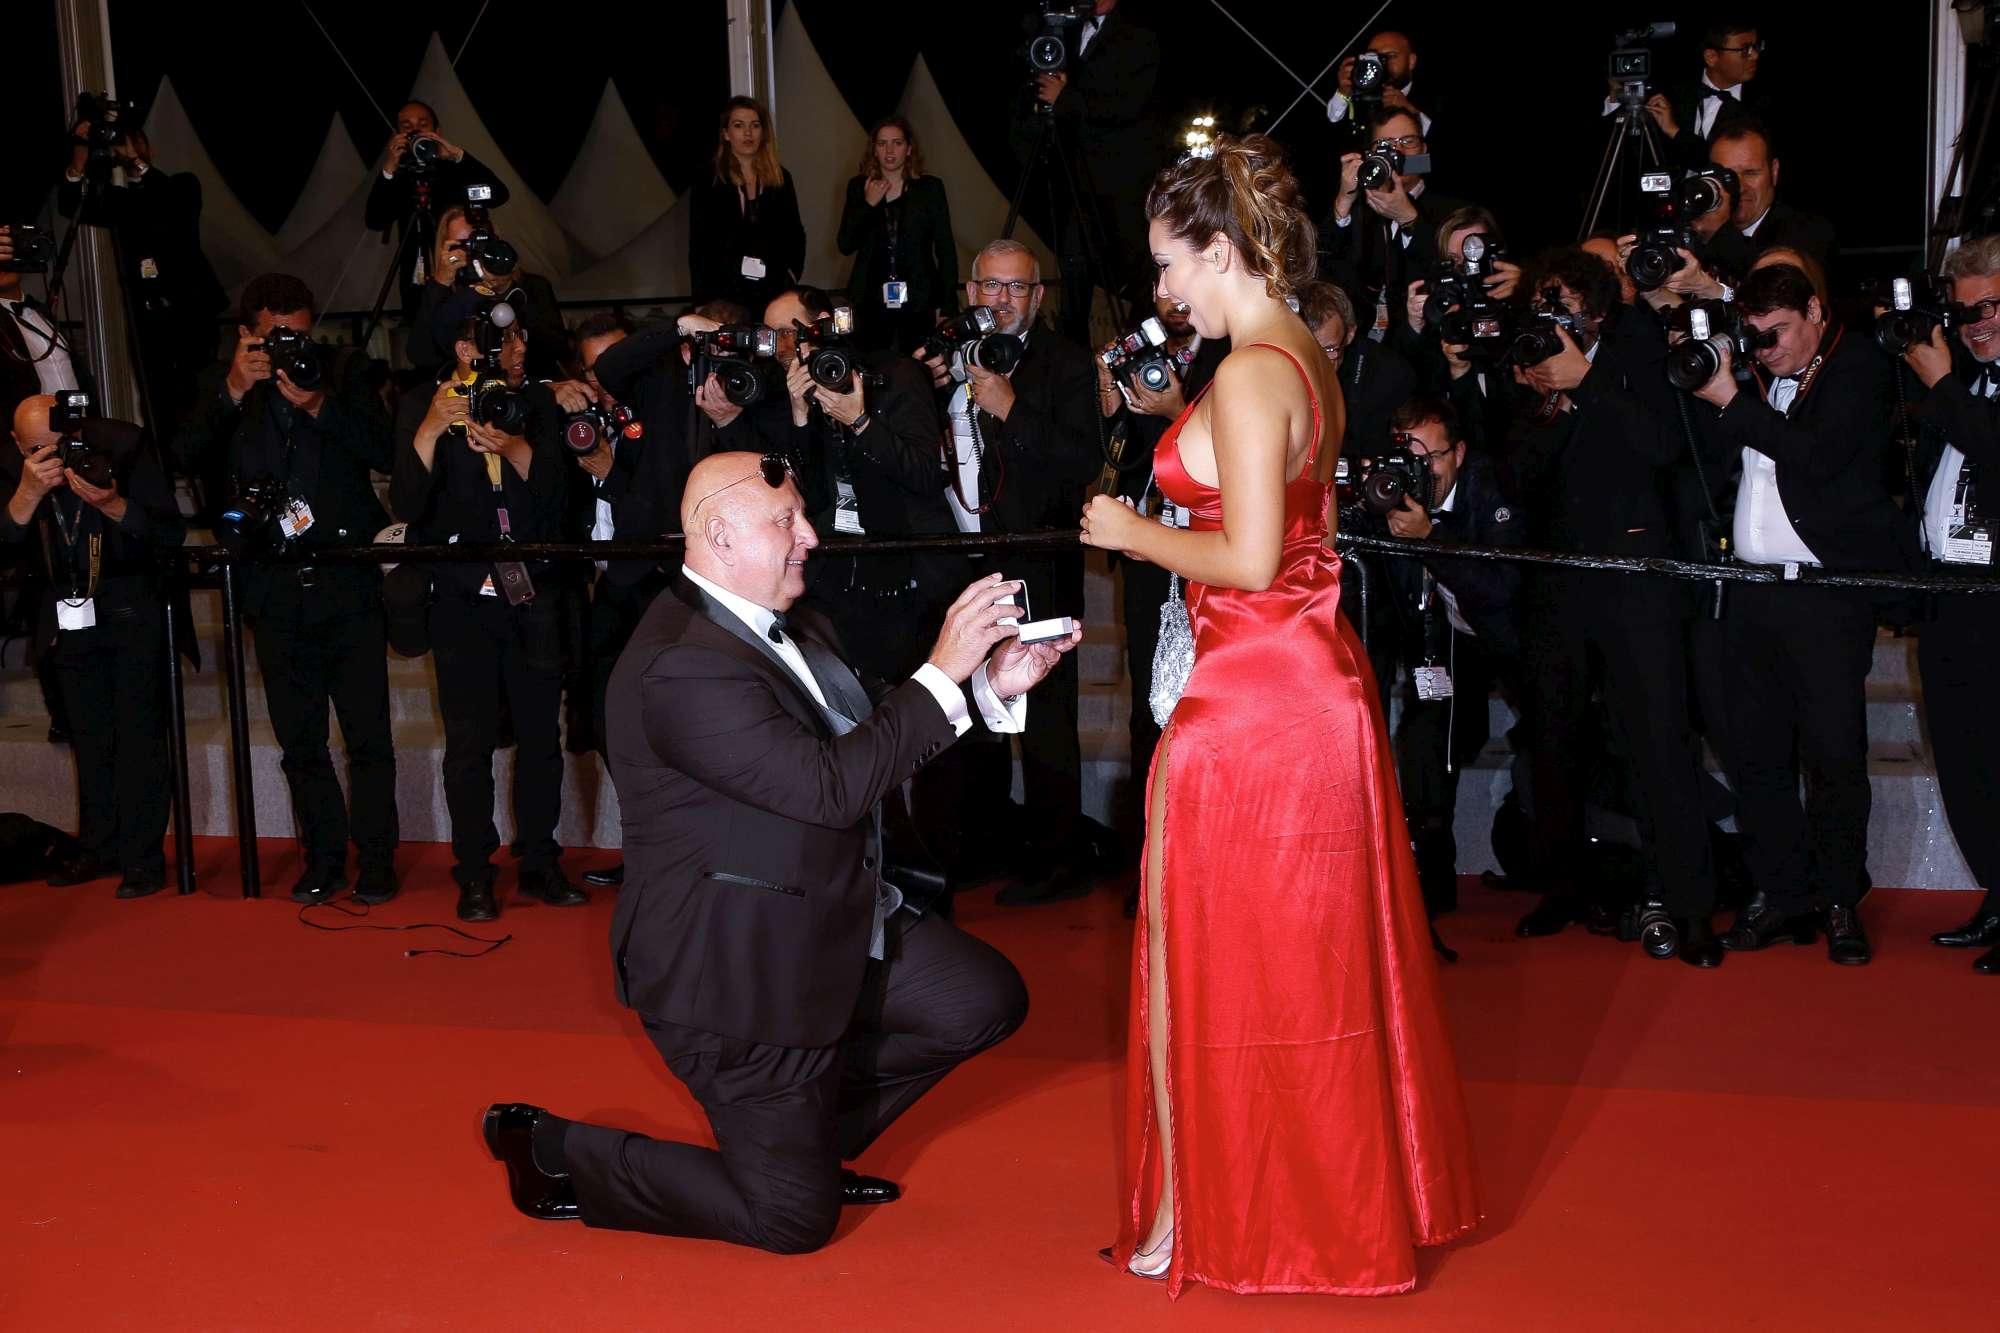 Cannes 2019, la proposta di matrimonio ruba la scena alle star